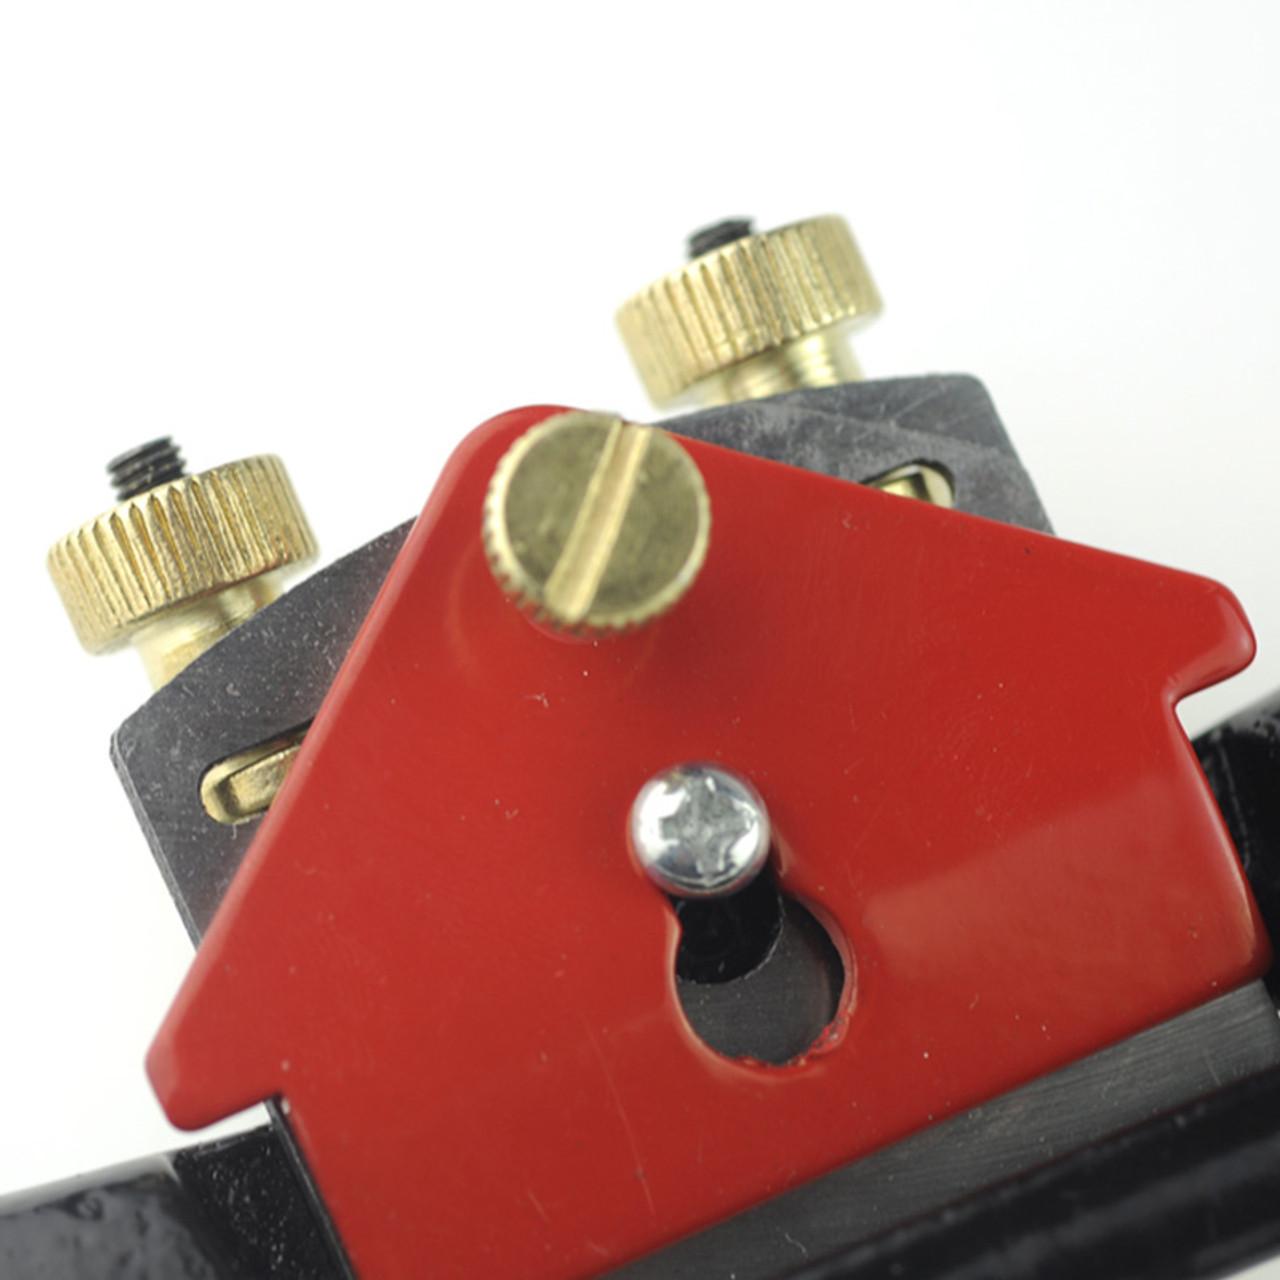 9/215mm Adjustable Hand Edge Planer Spoke Shave Manual Woodworking ...